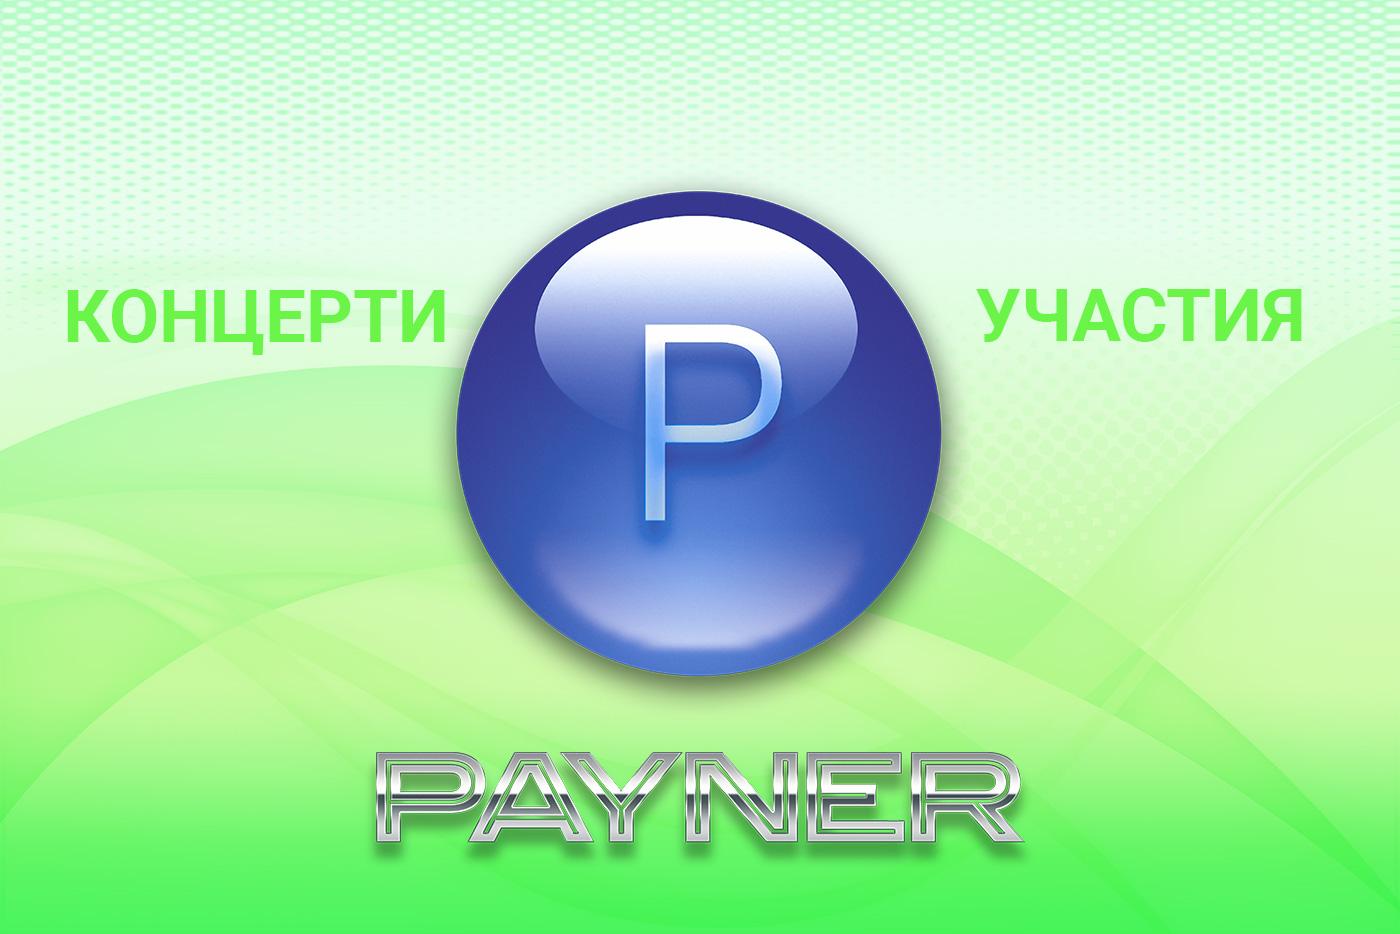 """Участия на звездите на """"Пайнер"""" на 03.10.2019"""